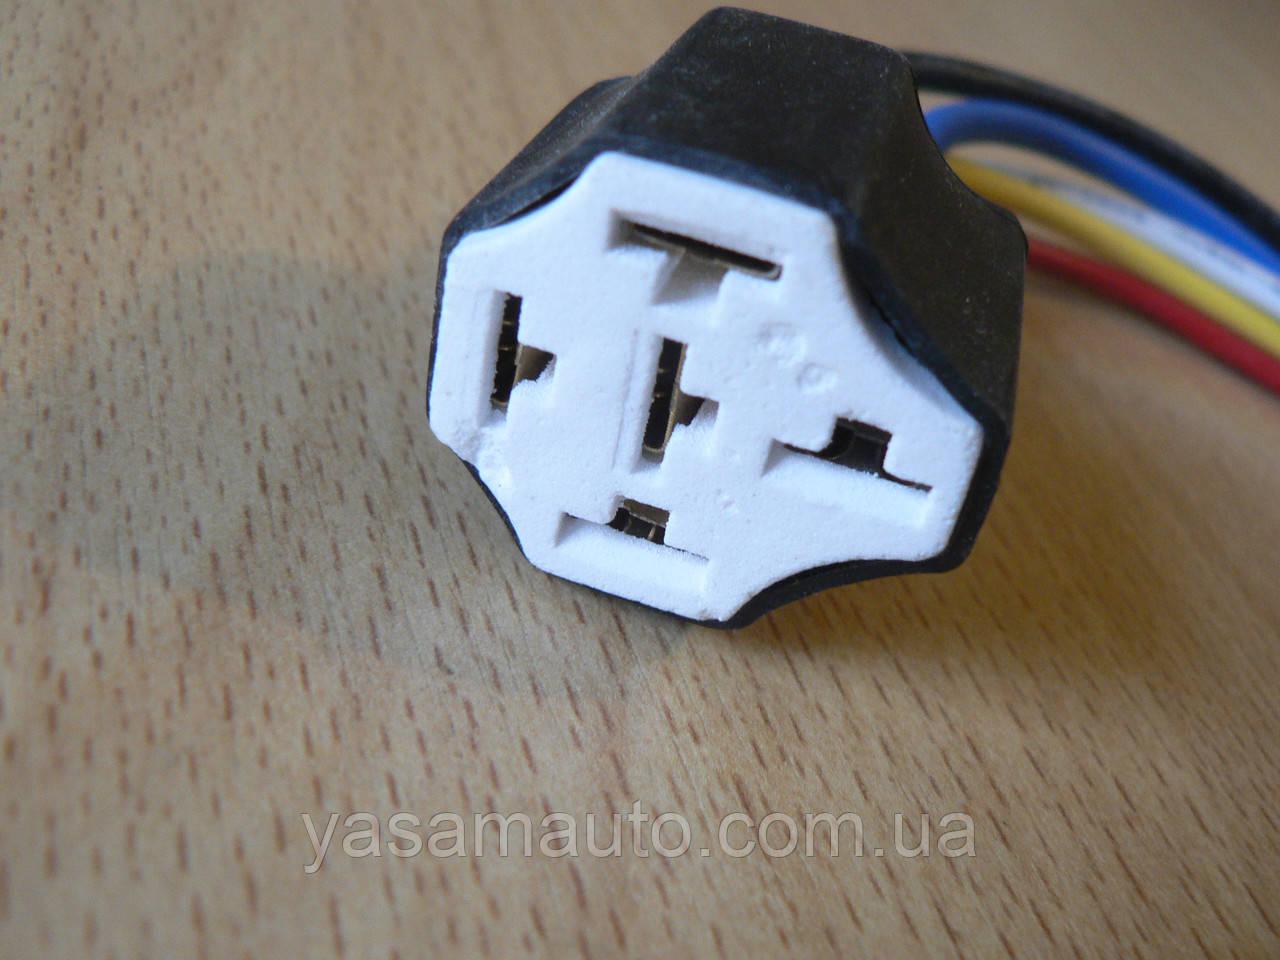 Колодка Фишка разъем проводки на 5 контактов для реле крест керамика с проводами разного цвета 120мм